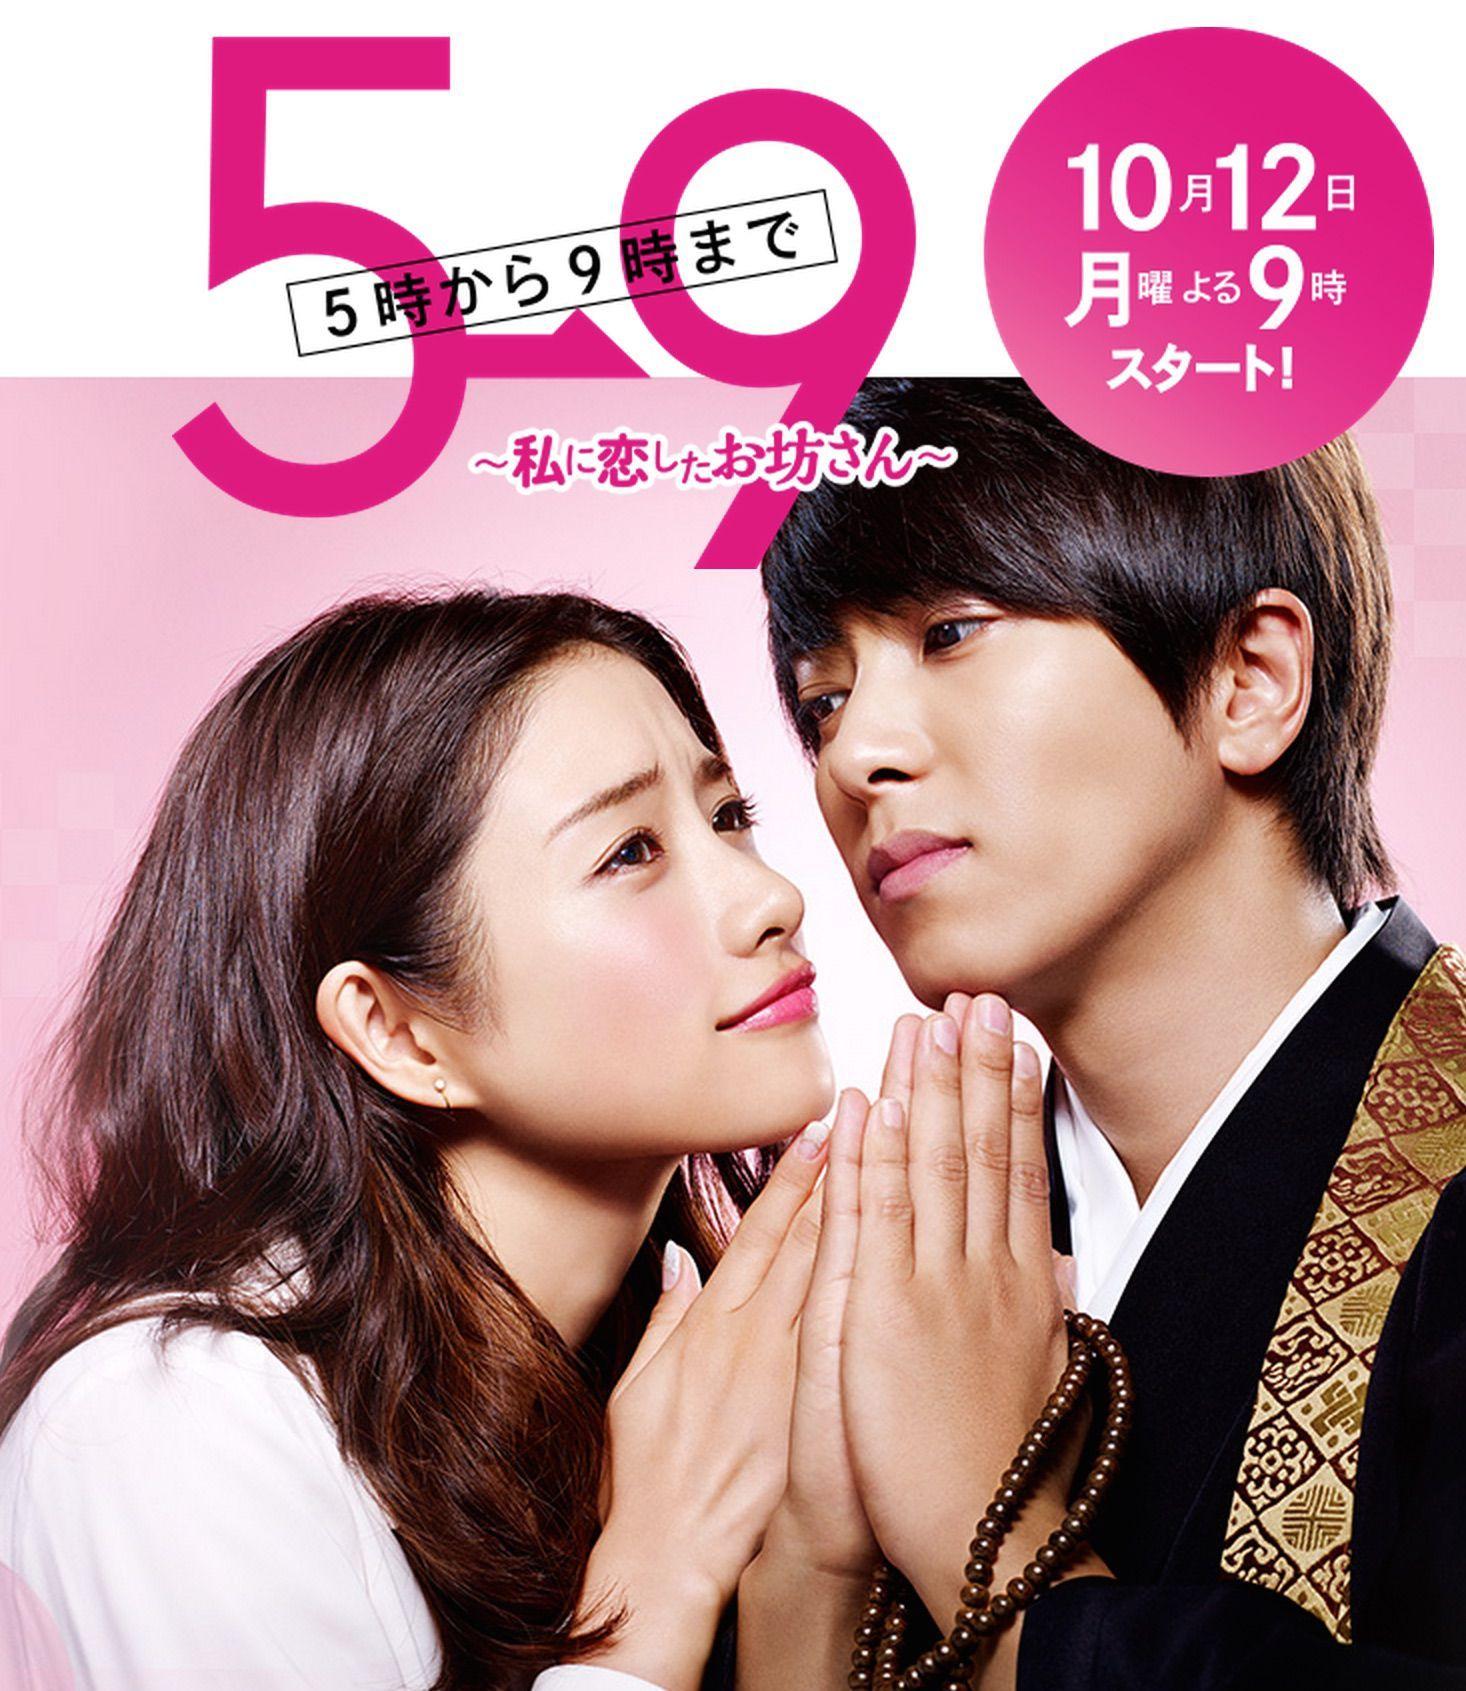 From Five To Nine 5 Ji Kara 9 Ji Made 5 9 Watashi Ni Koi